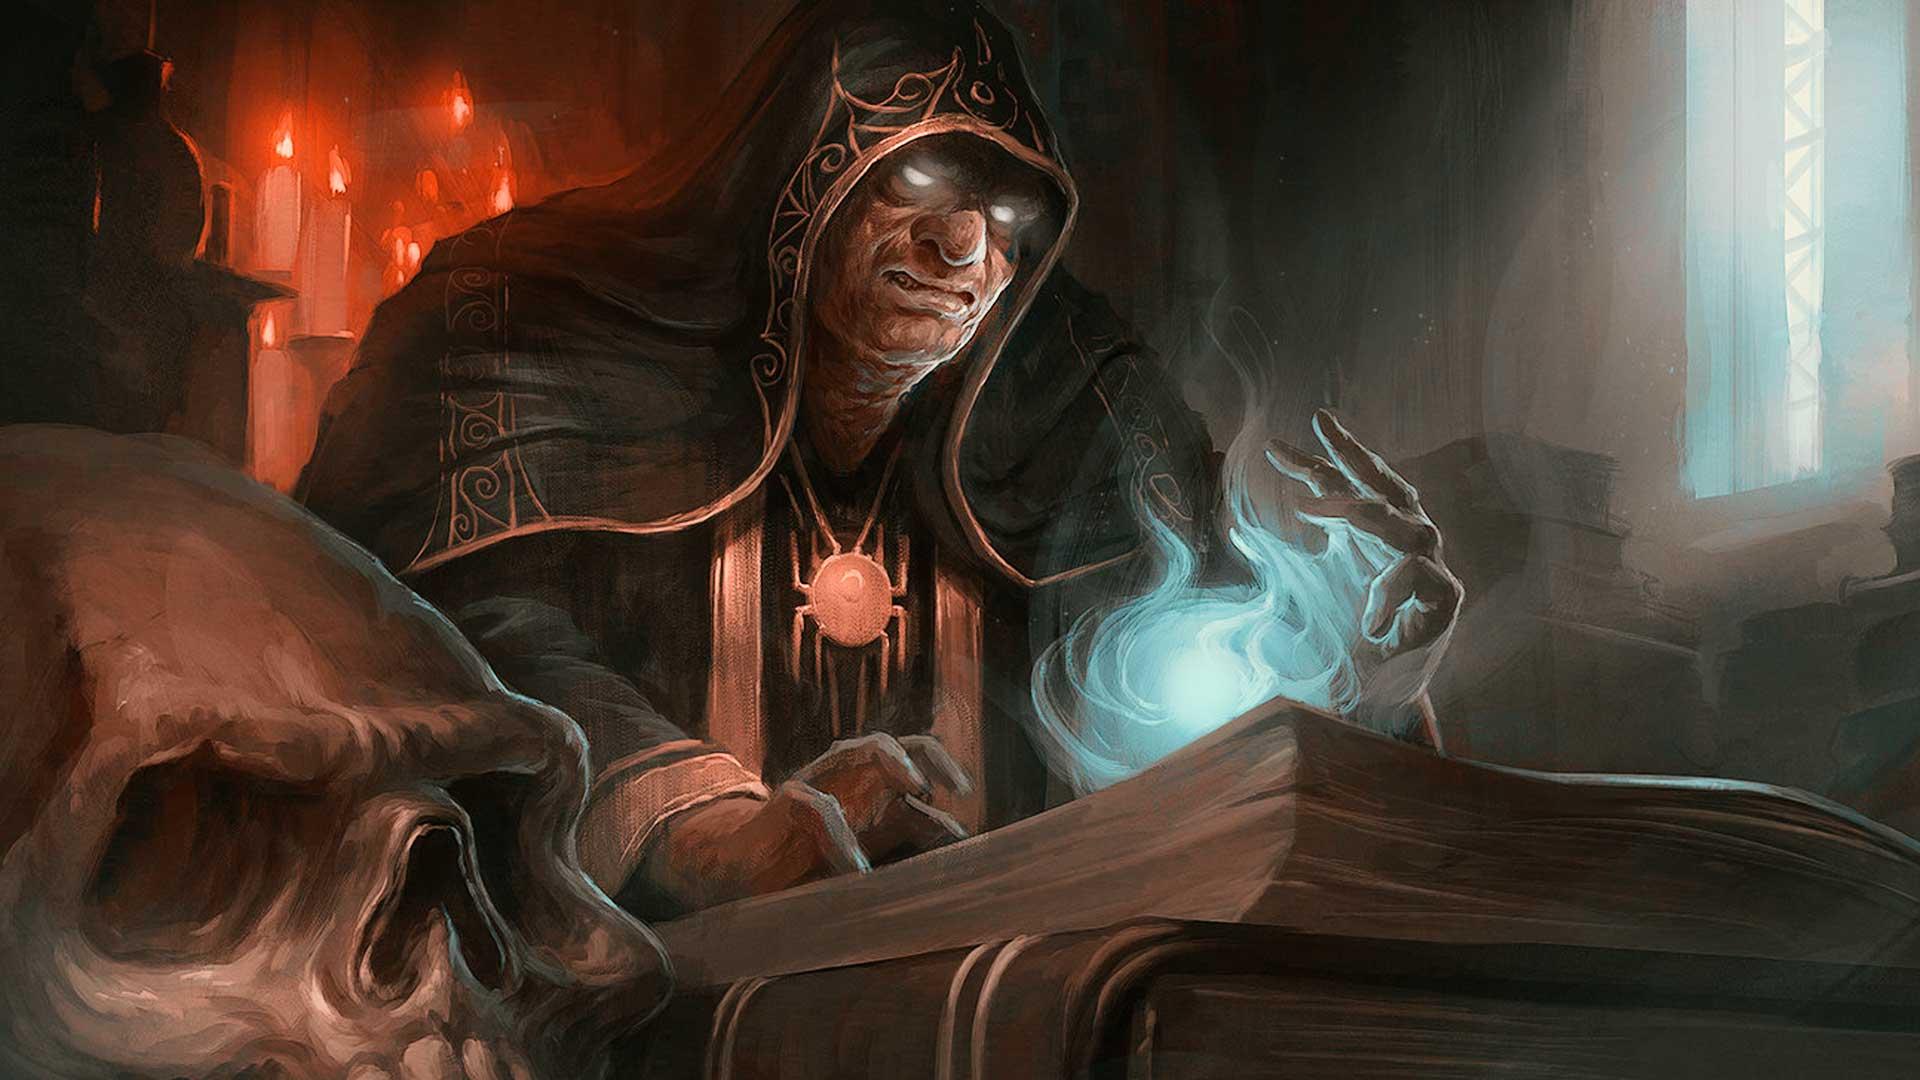 El Mago Merlín pudo haber sido un personaje histórico real según últimos estudios